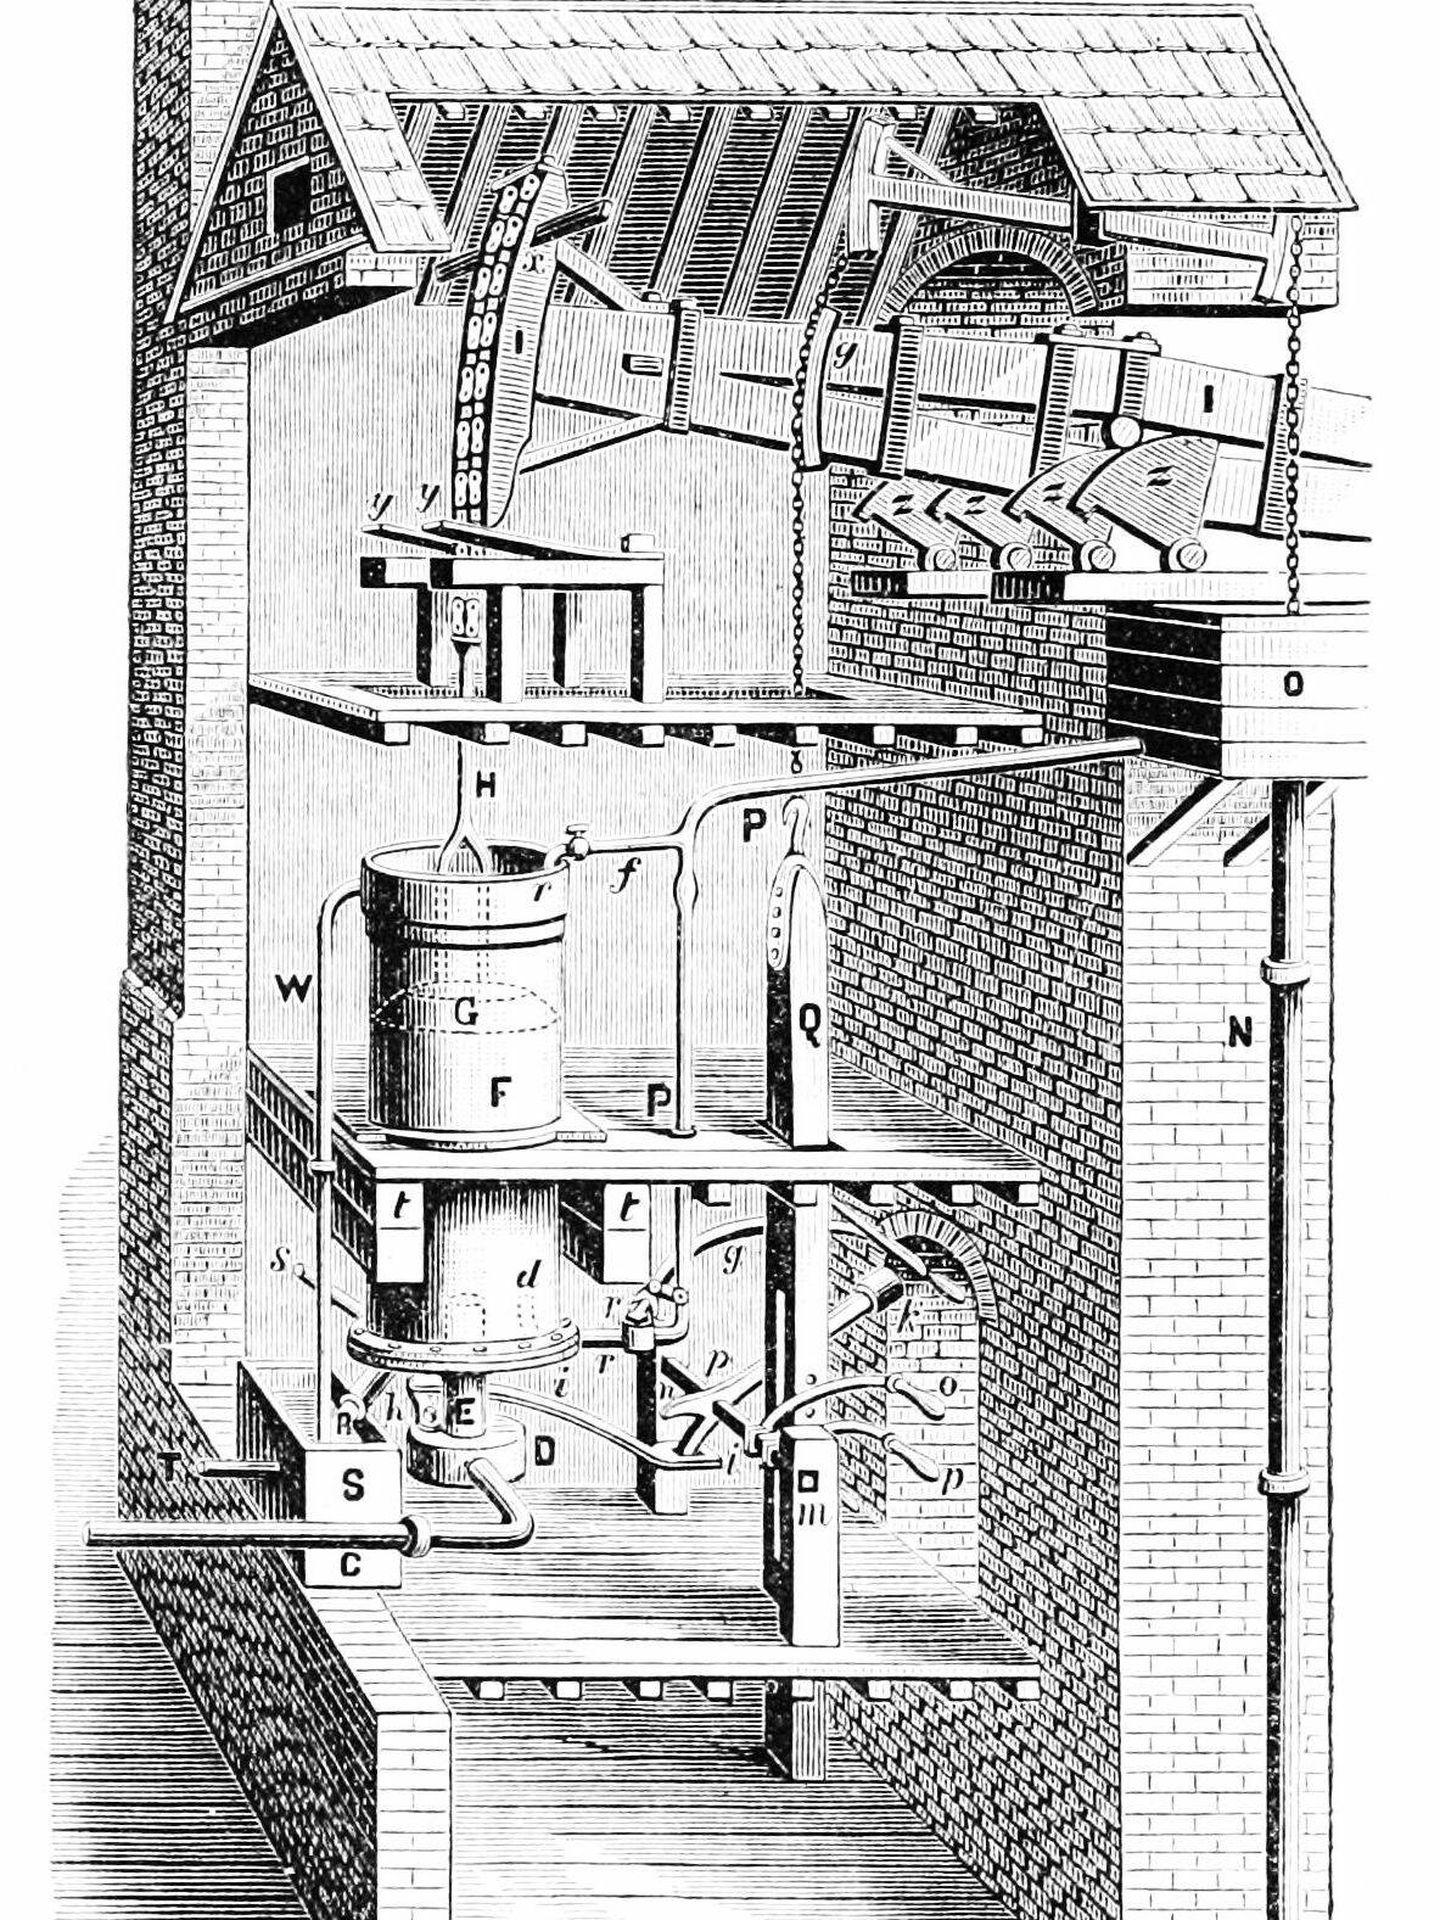 Dibujo a lápiz de la máquina a vapor de Newcomen mejorada por Smeaton.